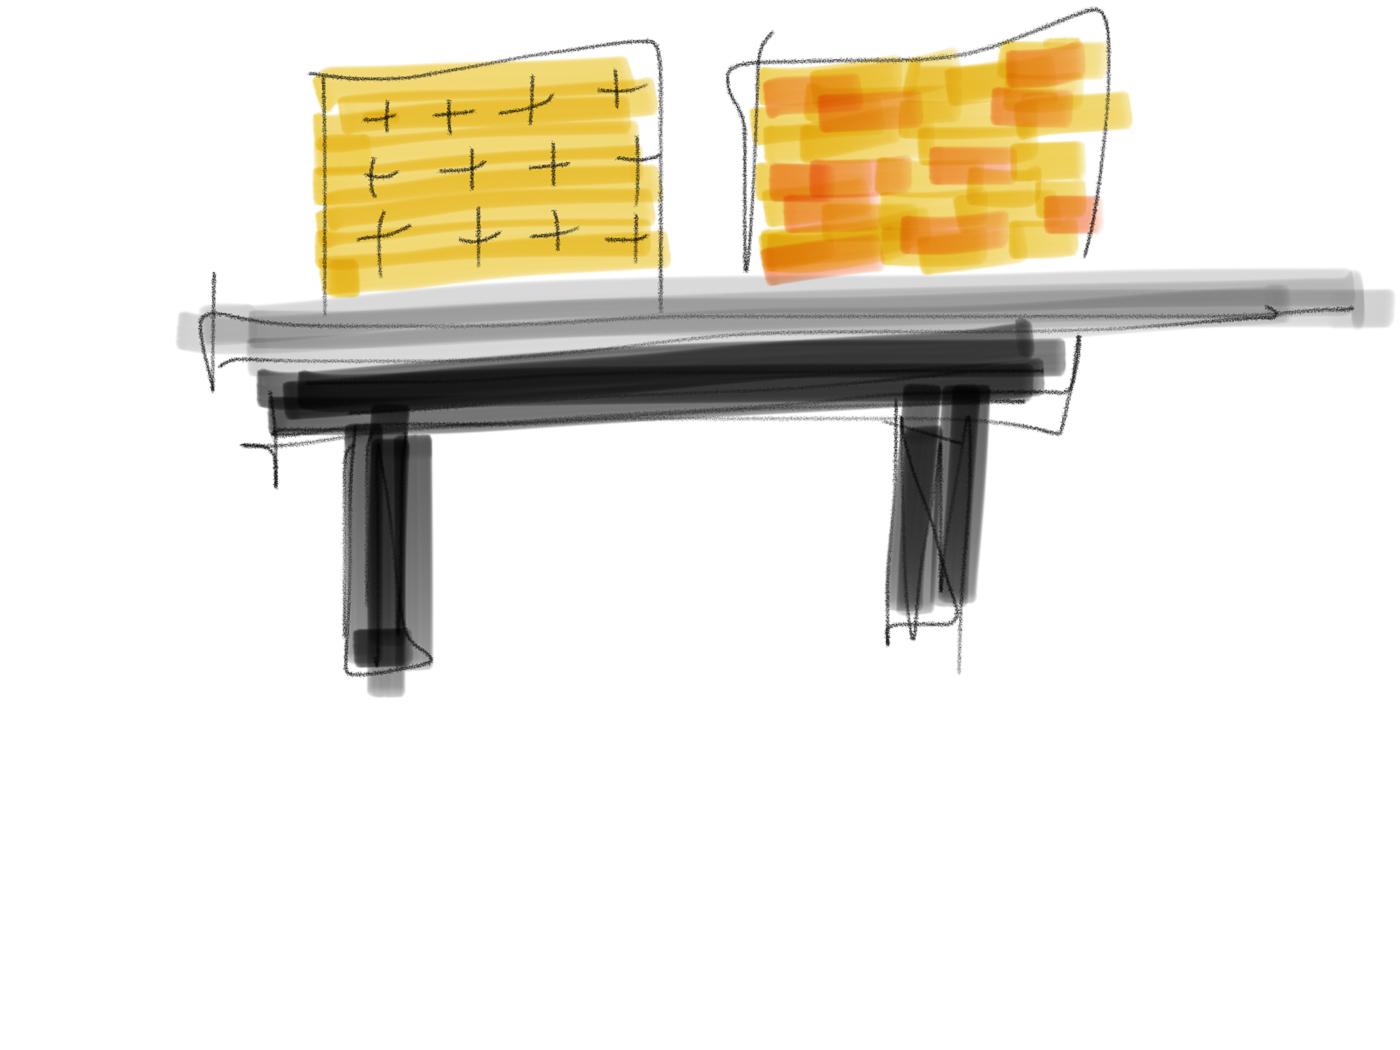 Sketch-516.jpg